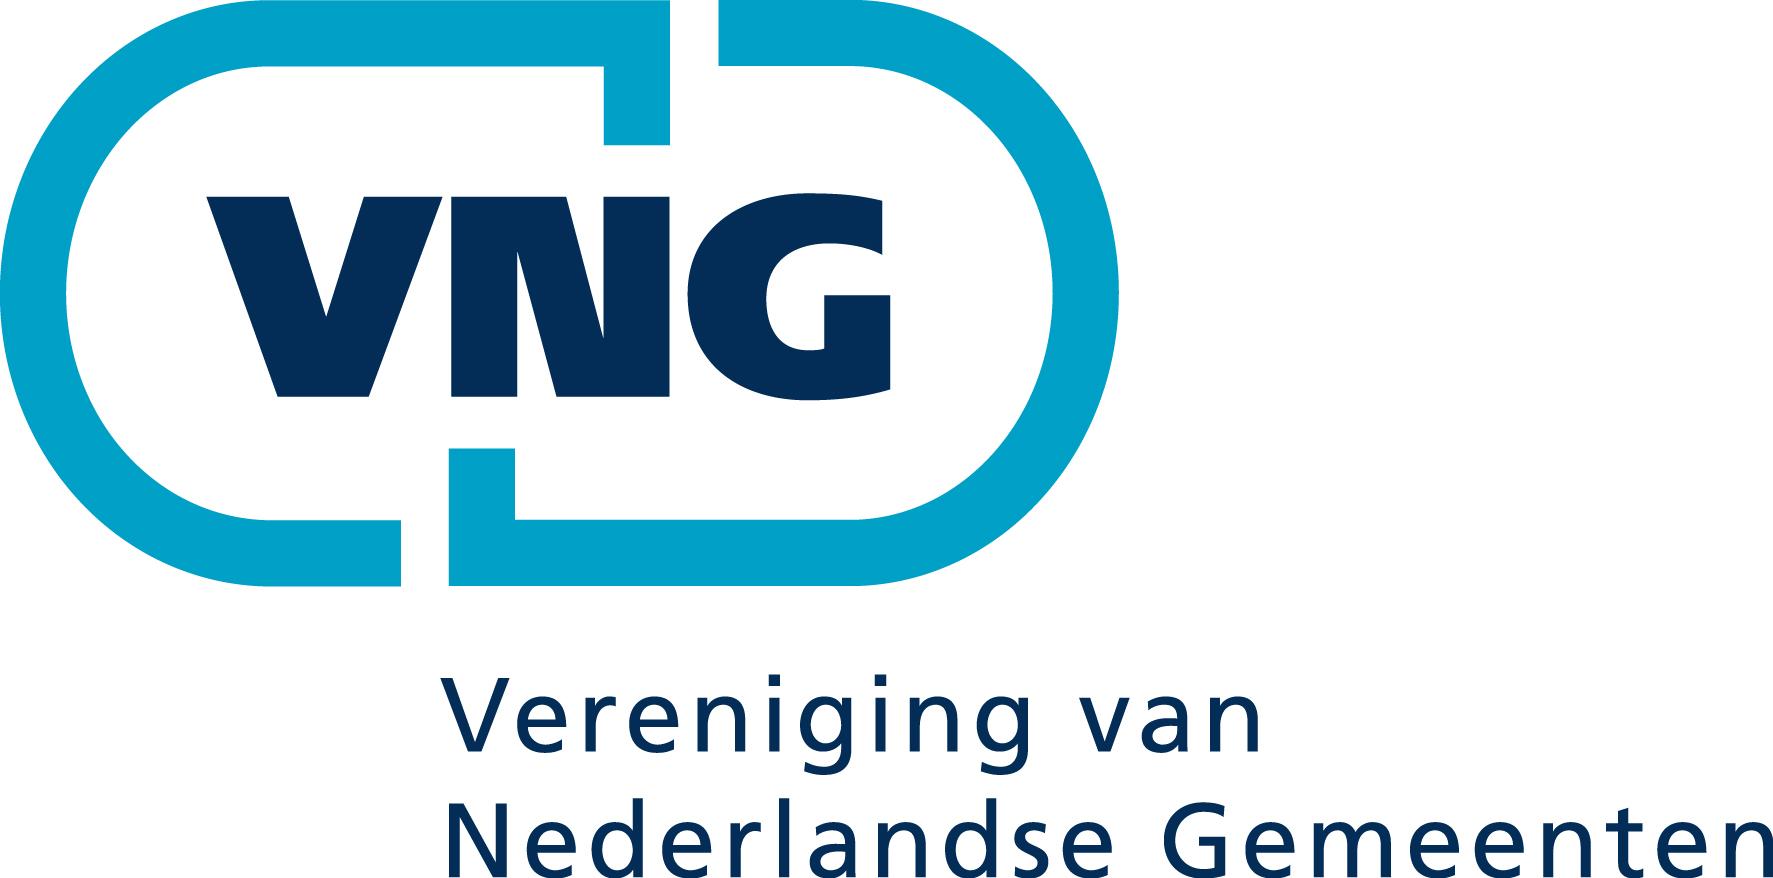 VNG Magazine: Door structureel deel te nemen aan OmgevingsAlert kunnen gemeenten, provincies en waterschappen het bereik van bekendmakingen verhogen